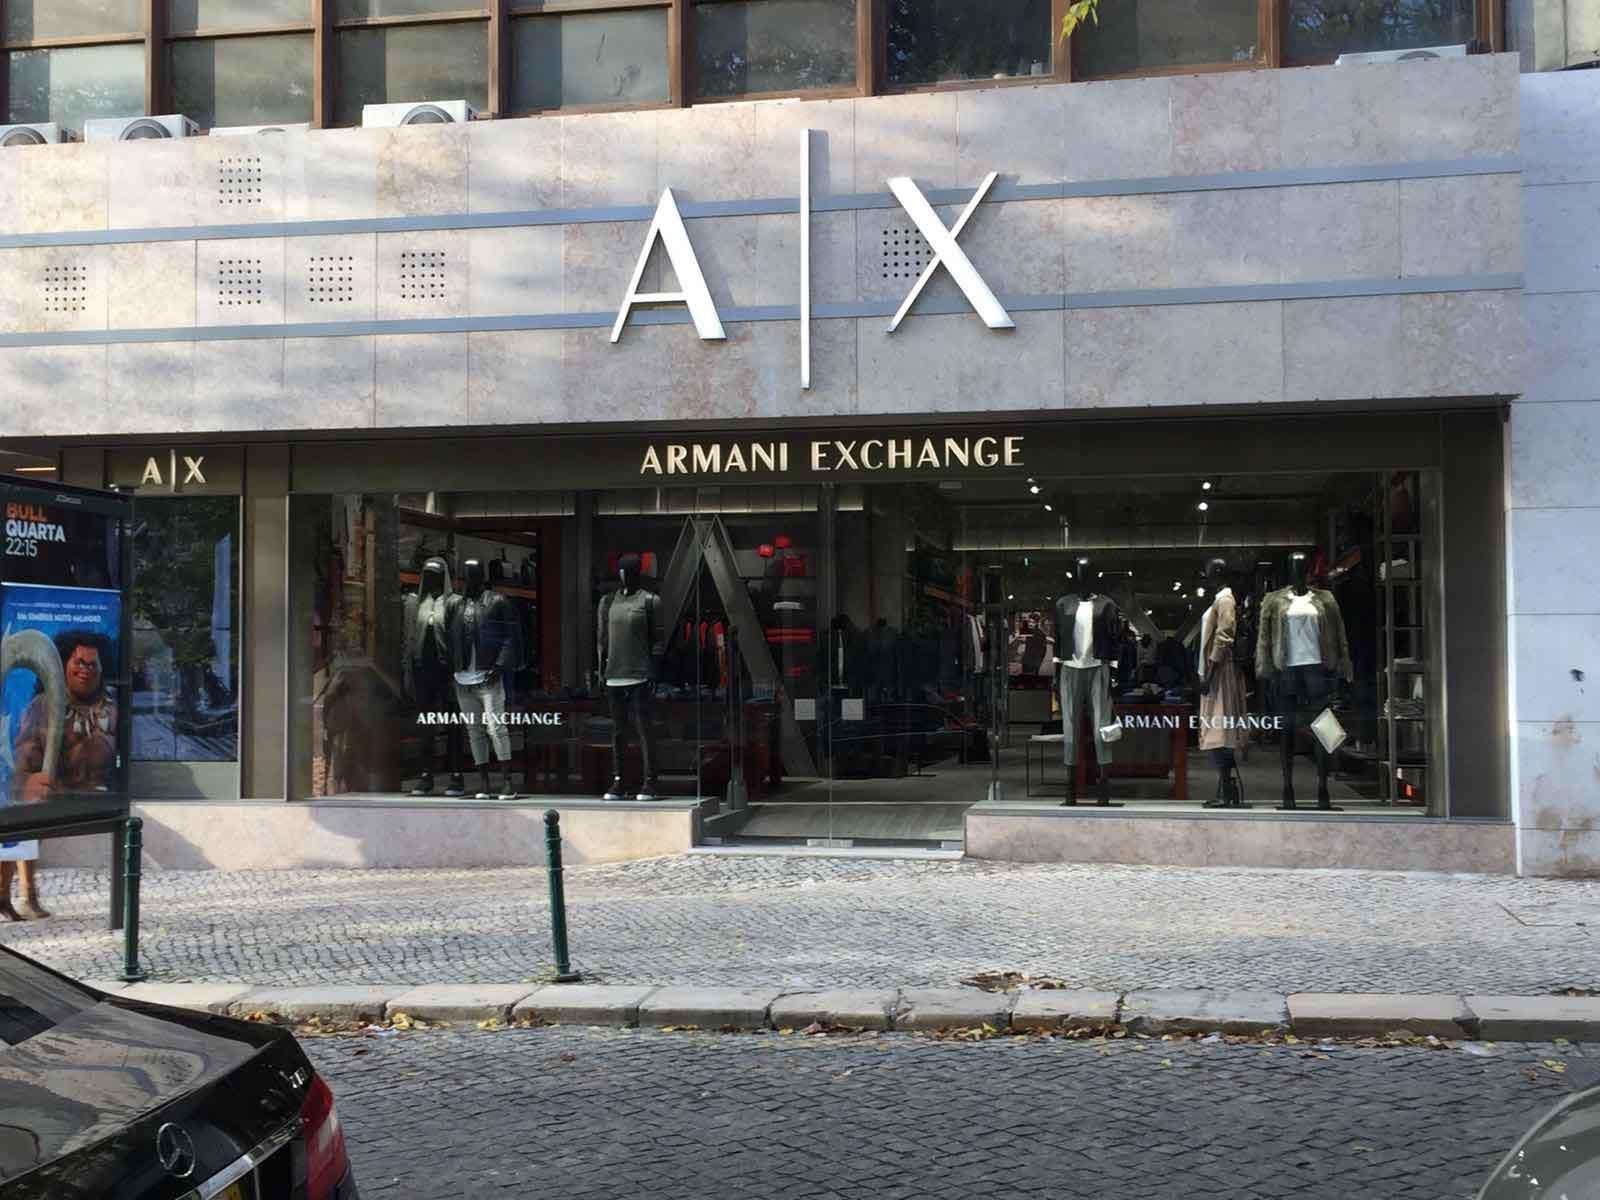 Terminales POSBANK IMPREX en tiendas Armani Exchange